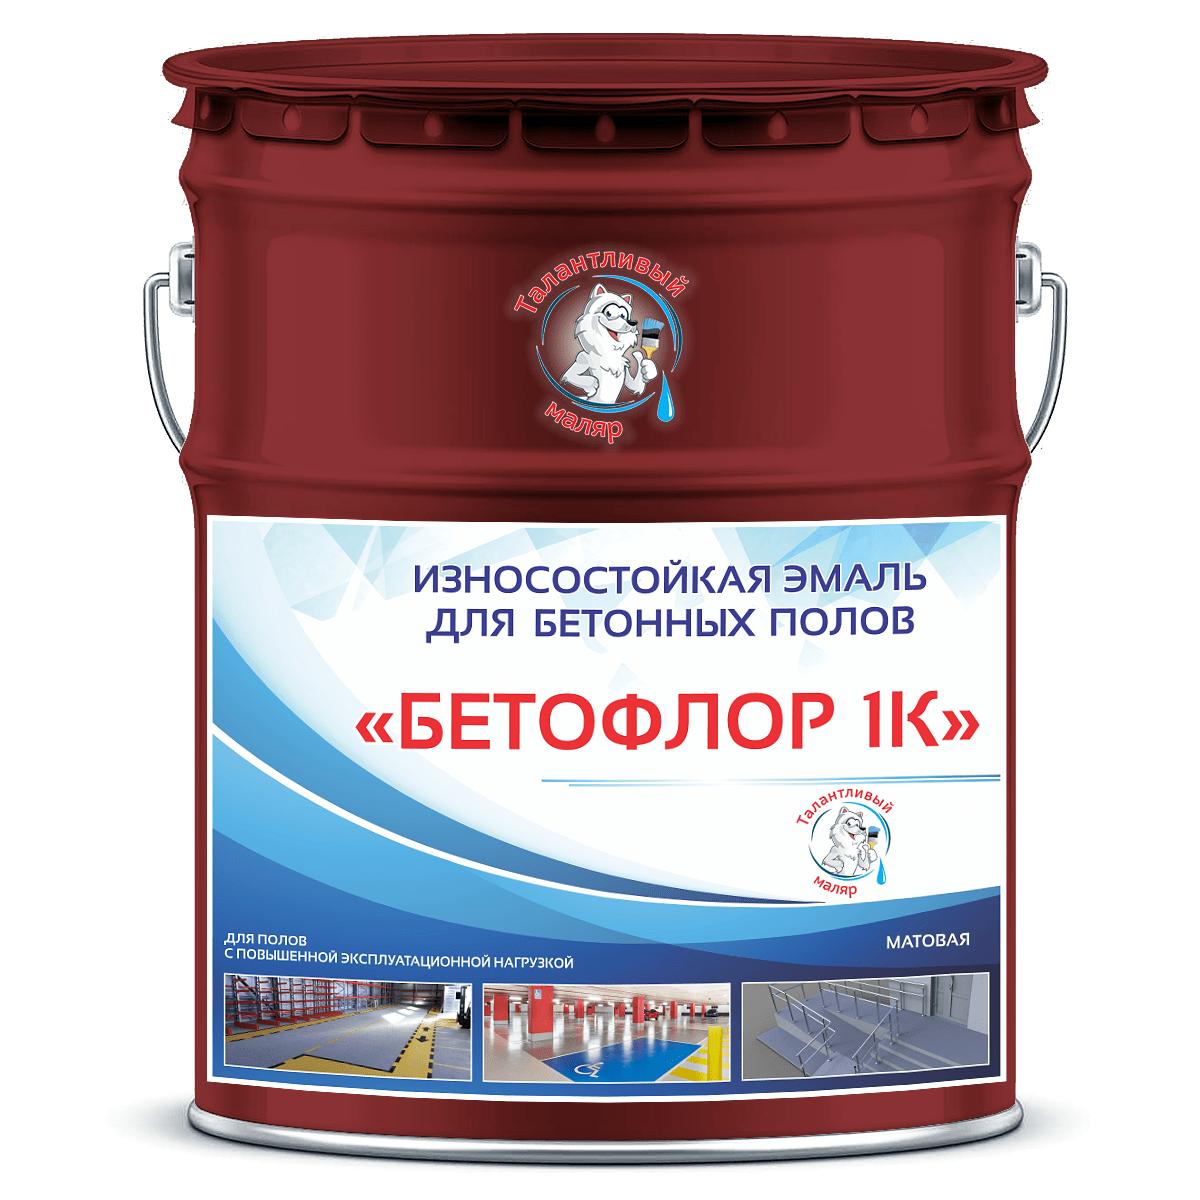 """Фото 6 - BF3005 Эмаль для бетонных полов """"Бетофлор"""" 1К цвет RAL 3005  Вишневый, матовая износостойкая, 25 кг """"Талантливый Маляр""""."""